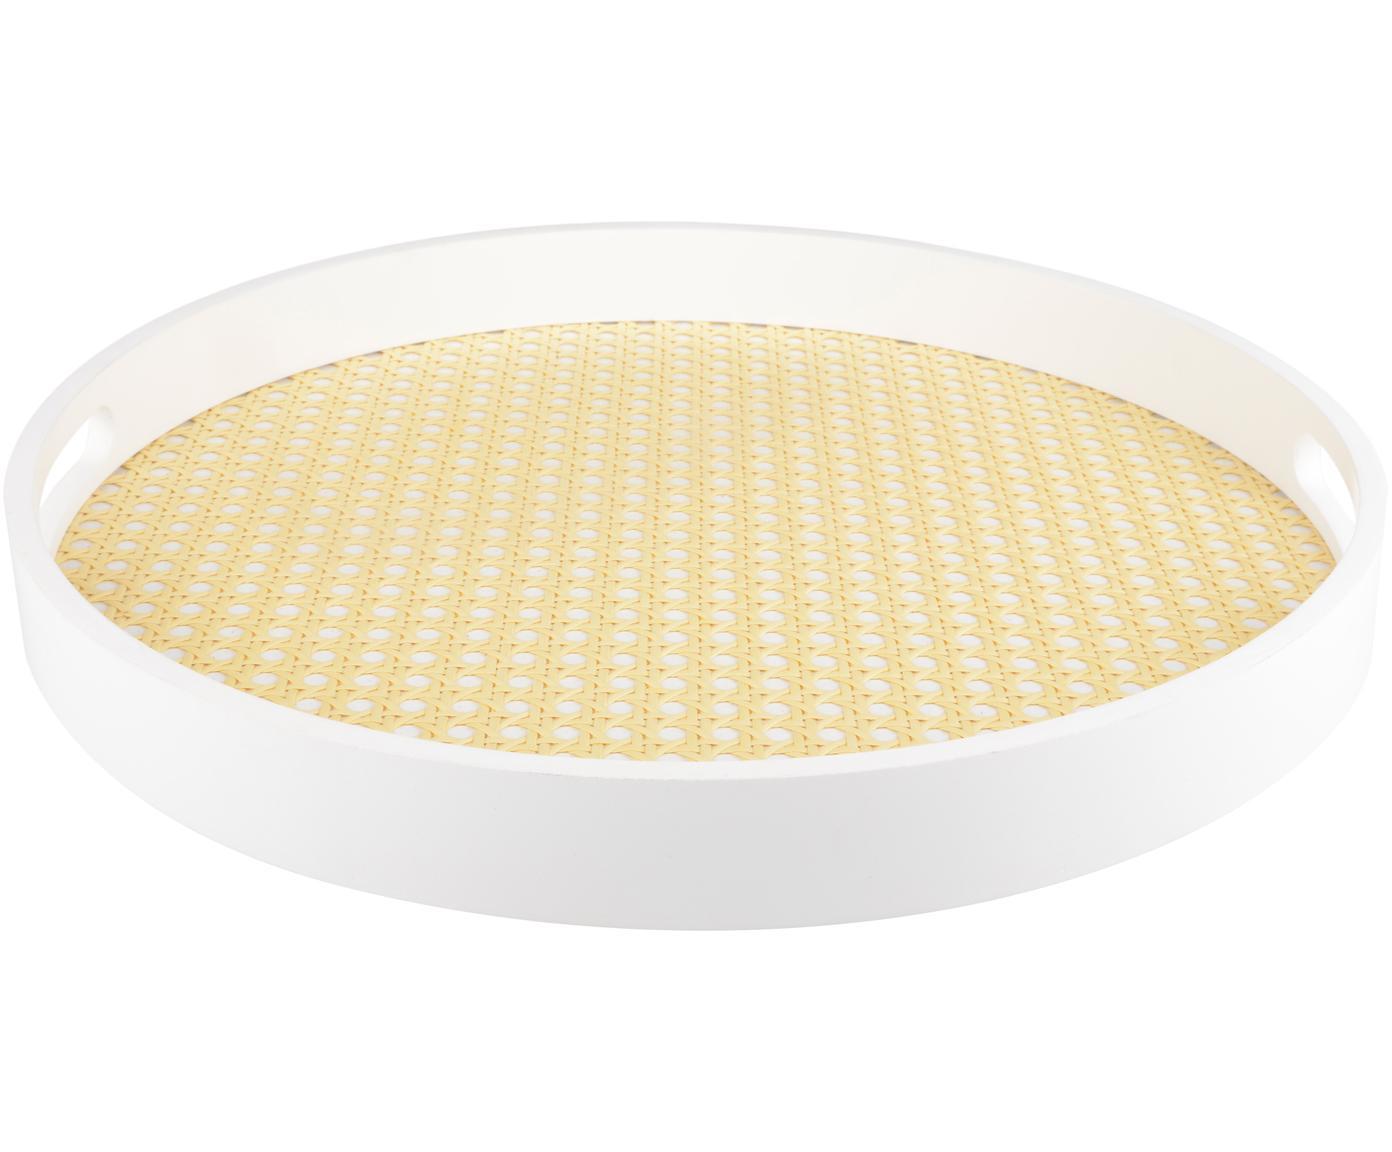 Taca dekoracyjna Cirklar, Płyta pilśniowa średniej gęstości, wiklina, Biały, beżowy, Ø 39 cm